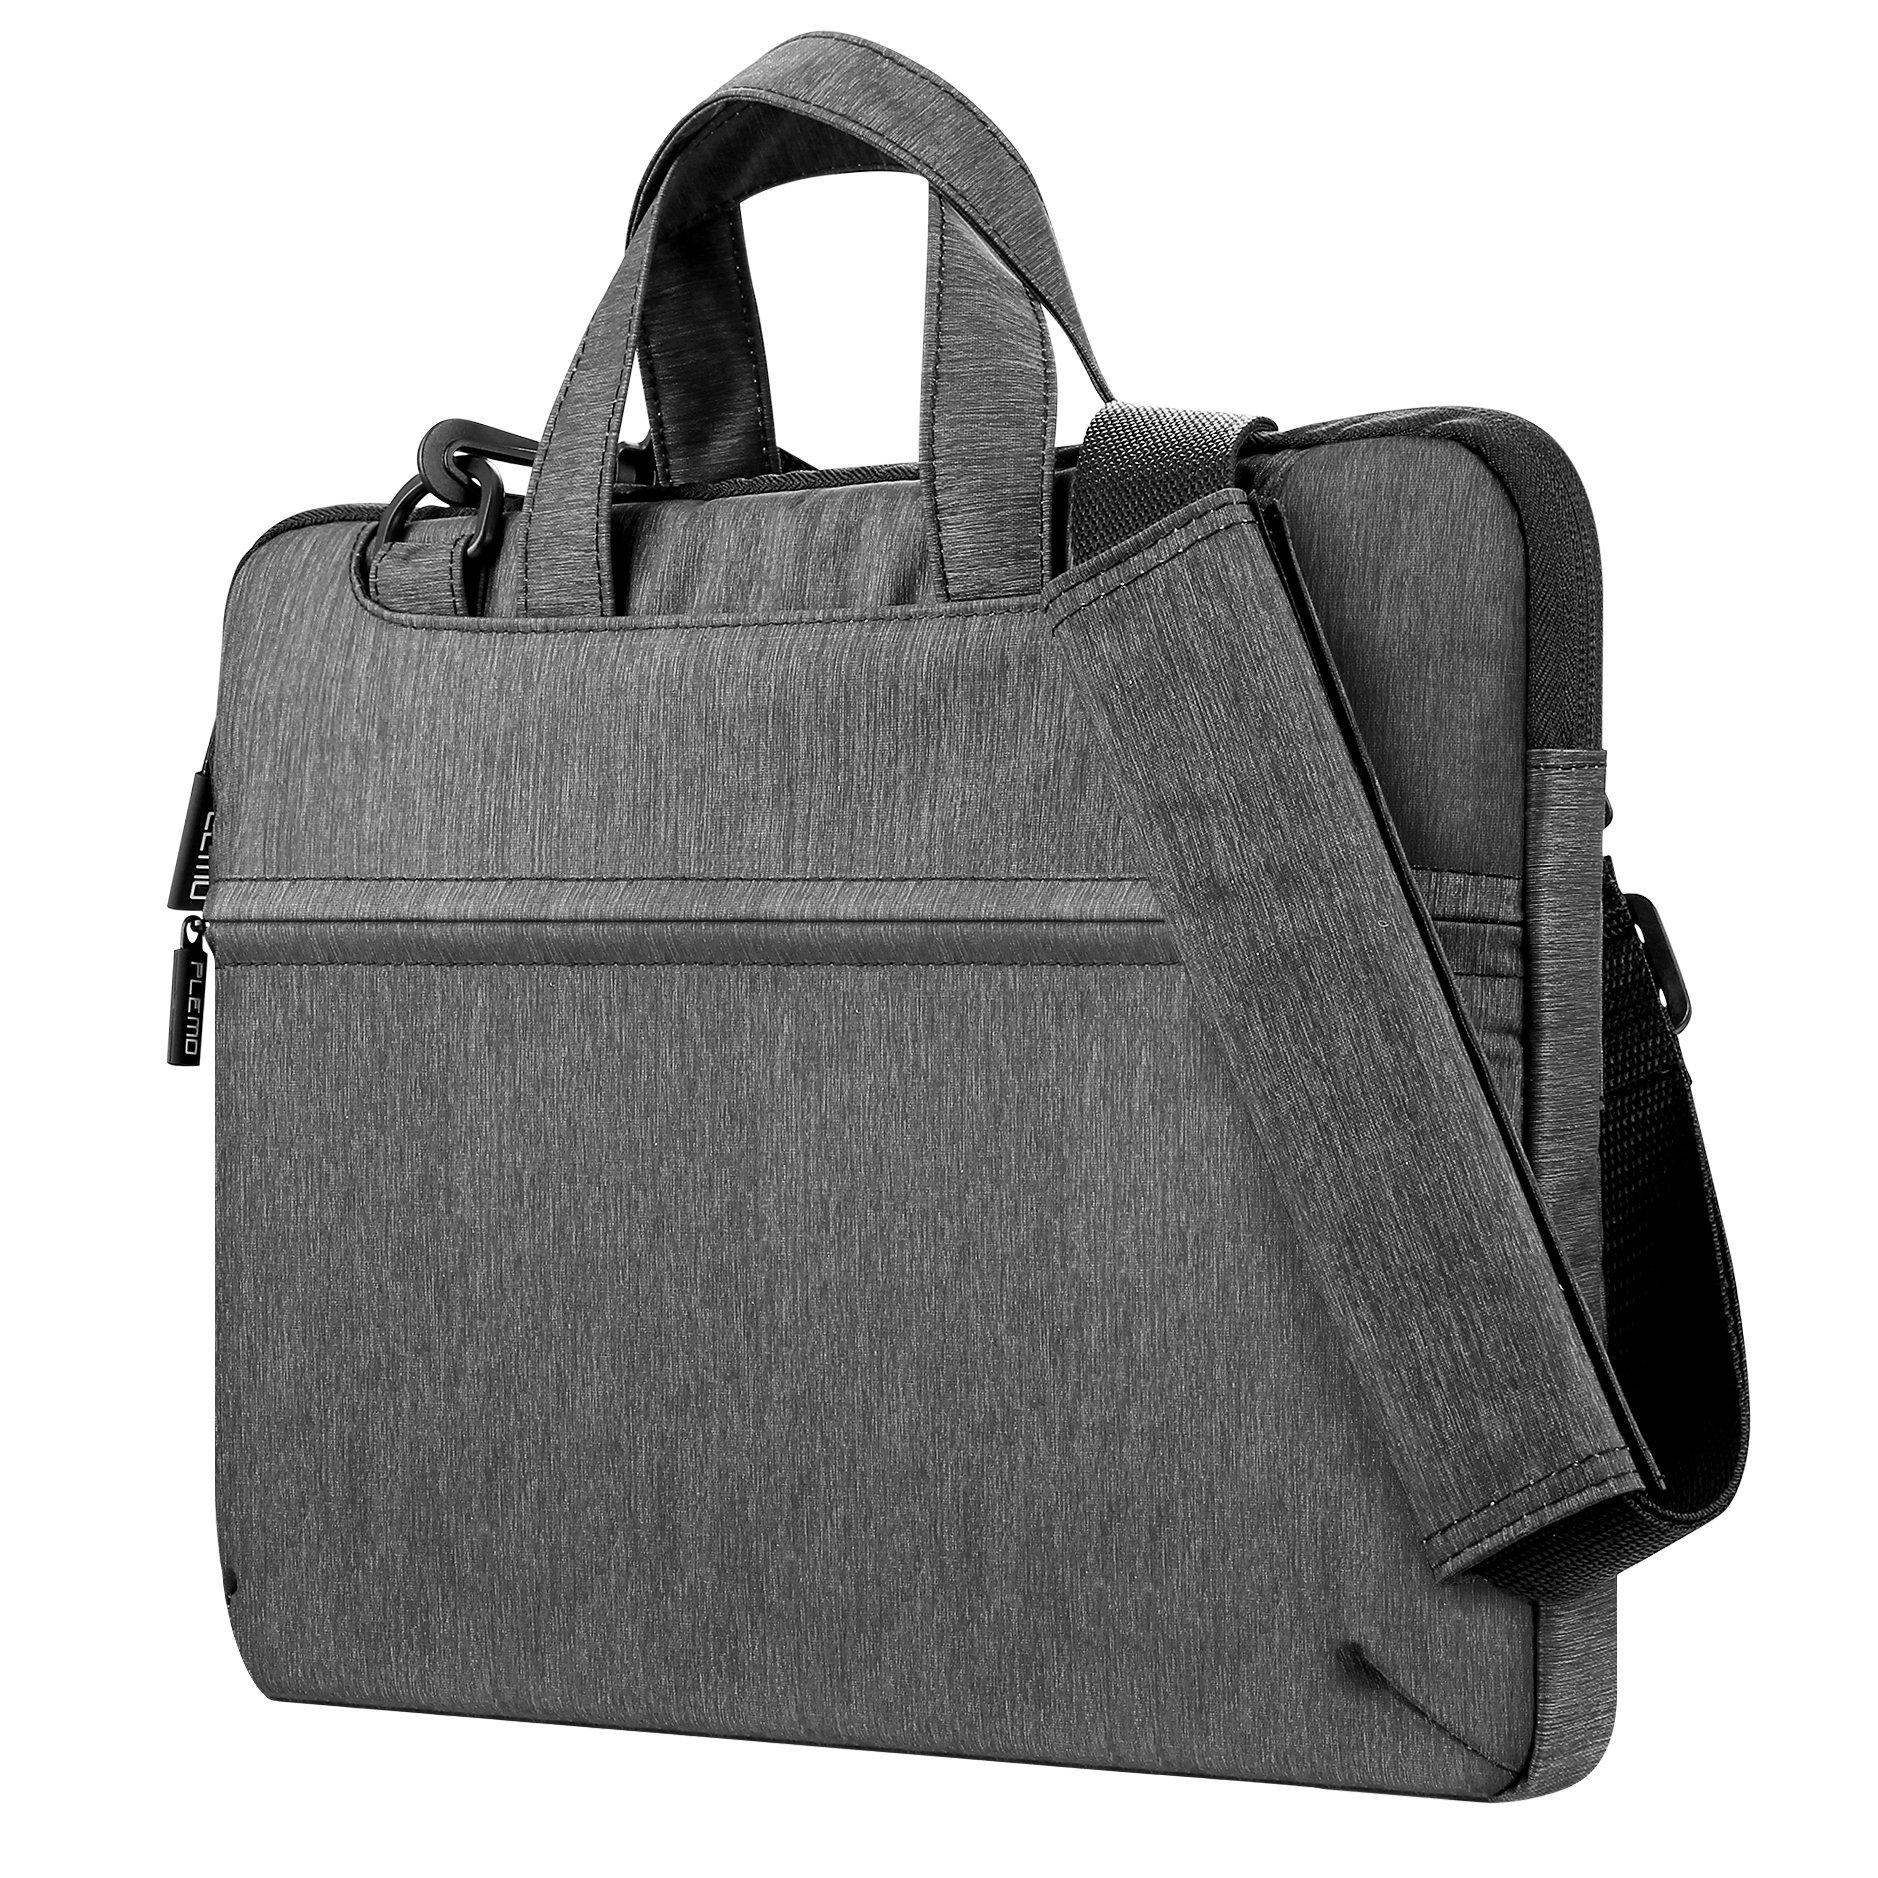 Plemo Wasserfeste Laptop Hülle Tasche Umhängetasche für 13-13,3 Zoll MacBook Pro, MacBook Air, Notebook und Tablet